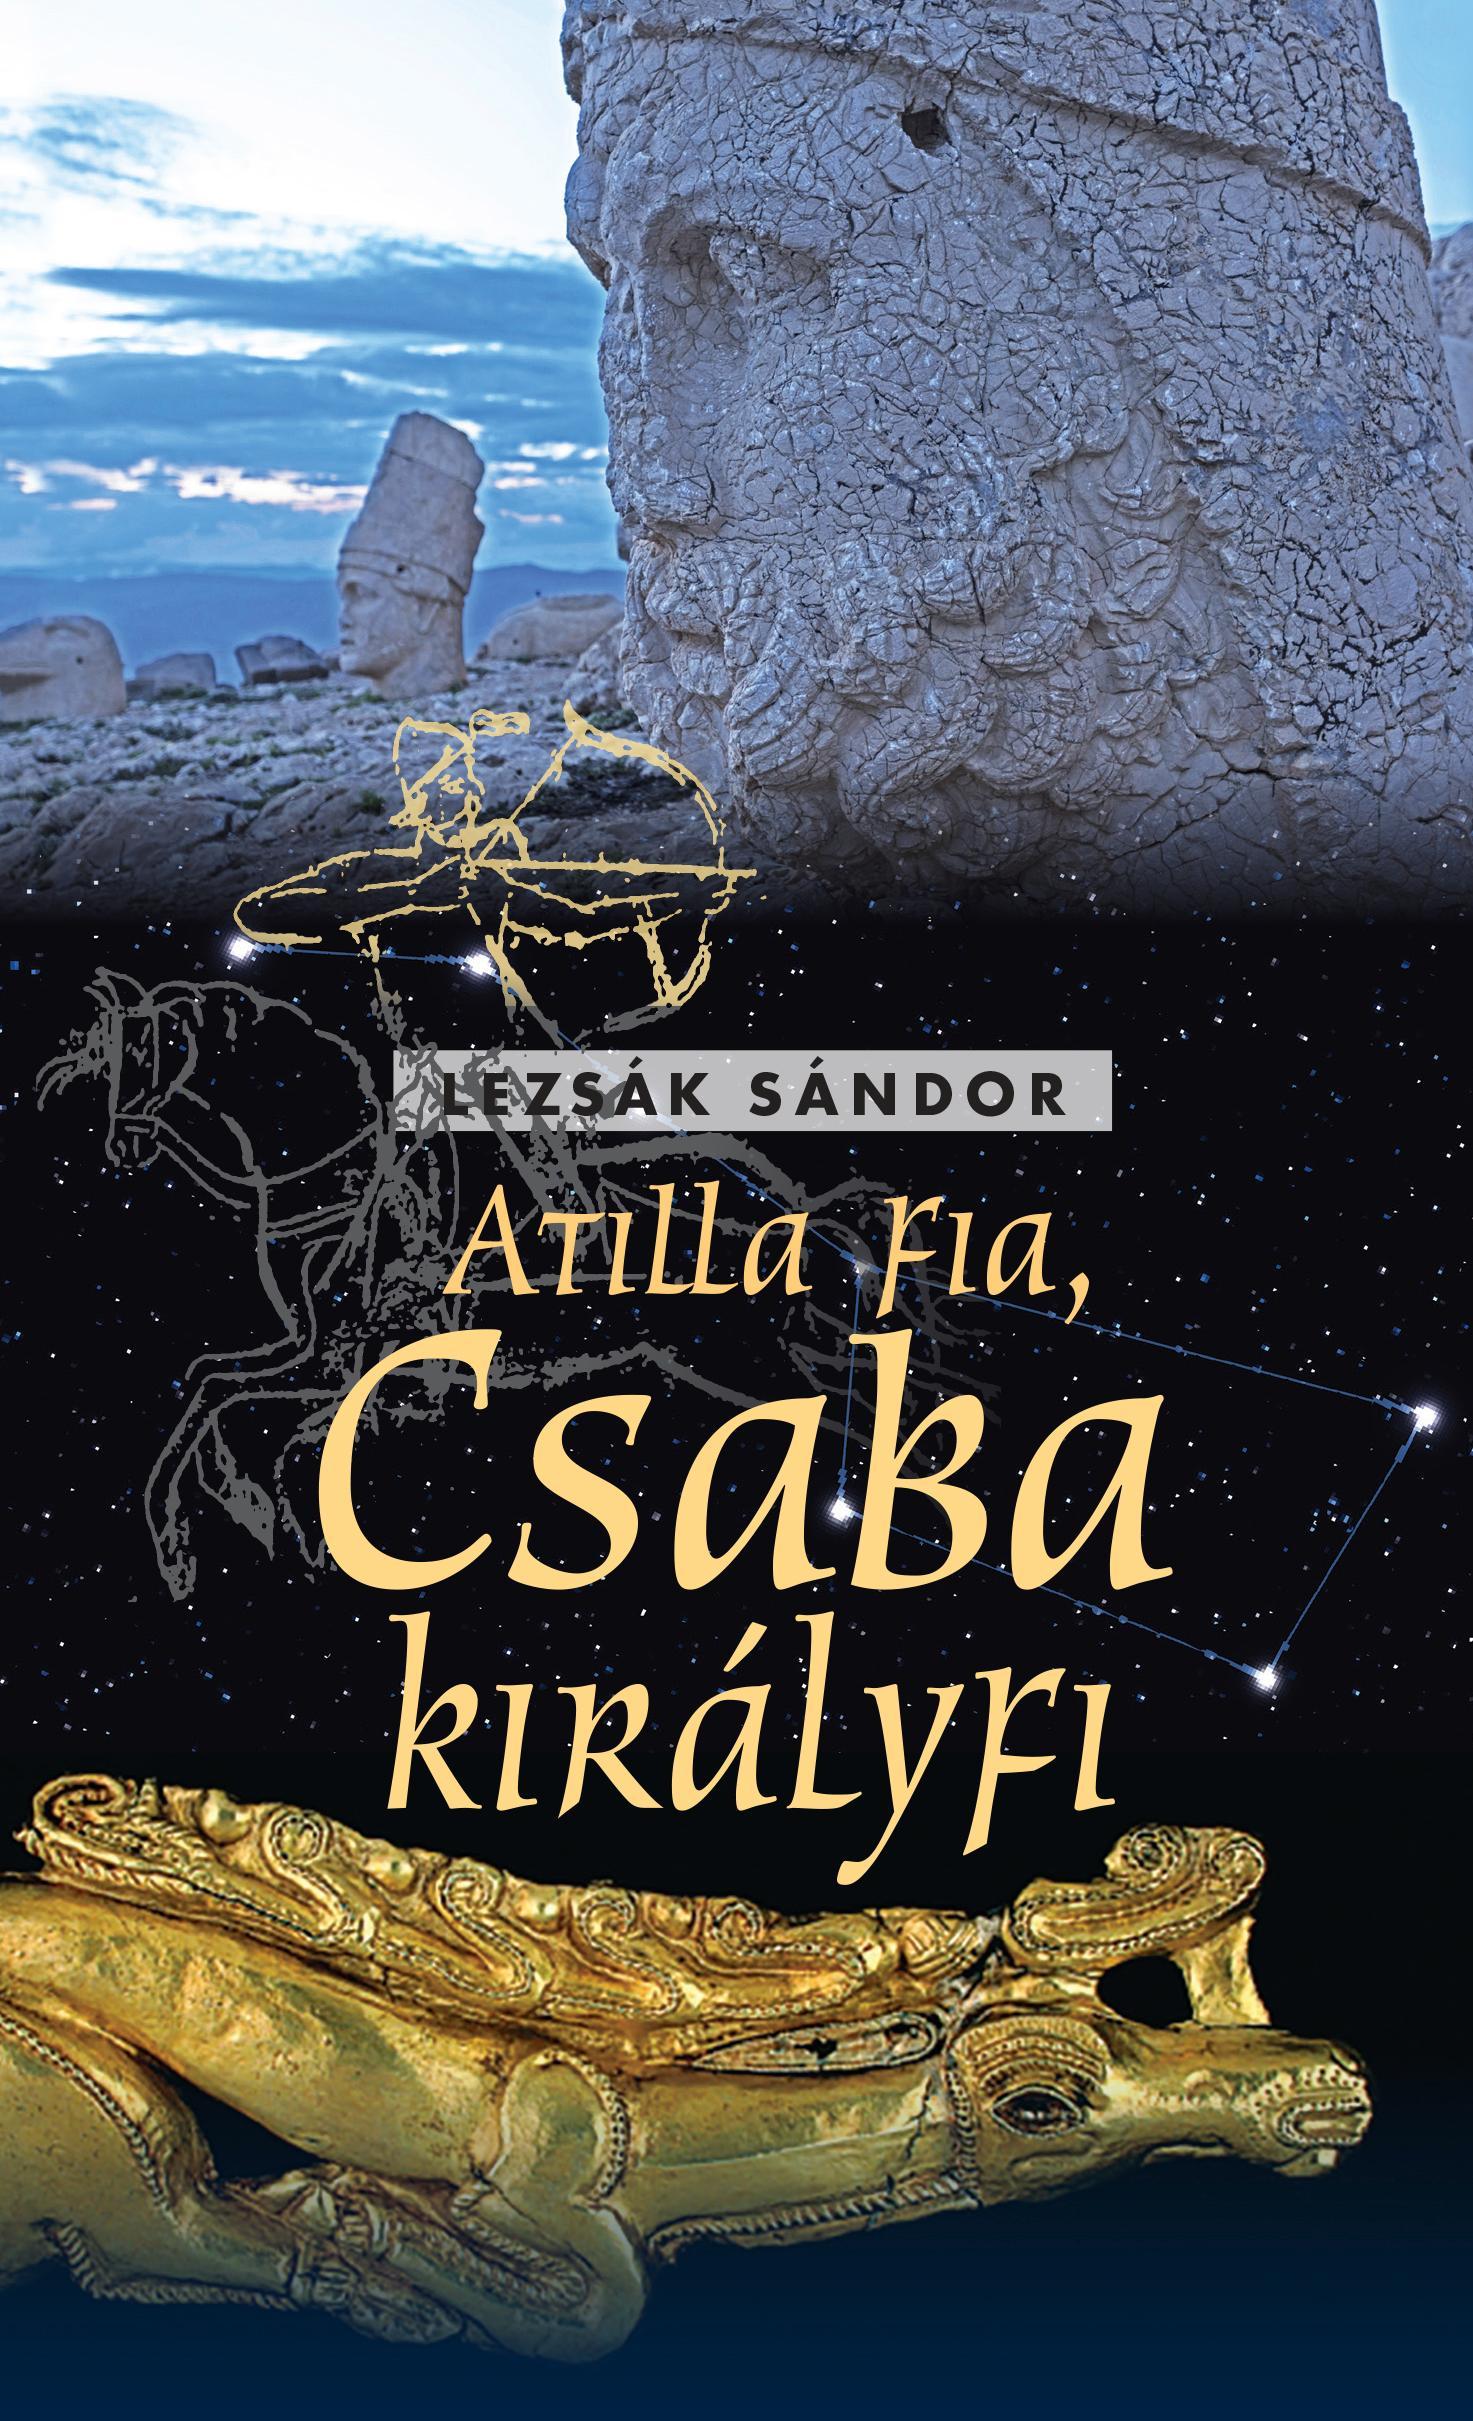 LEZSÁK SÁNDOR - ATILLA FIA, CSABA KIRÁLYFI